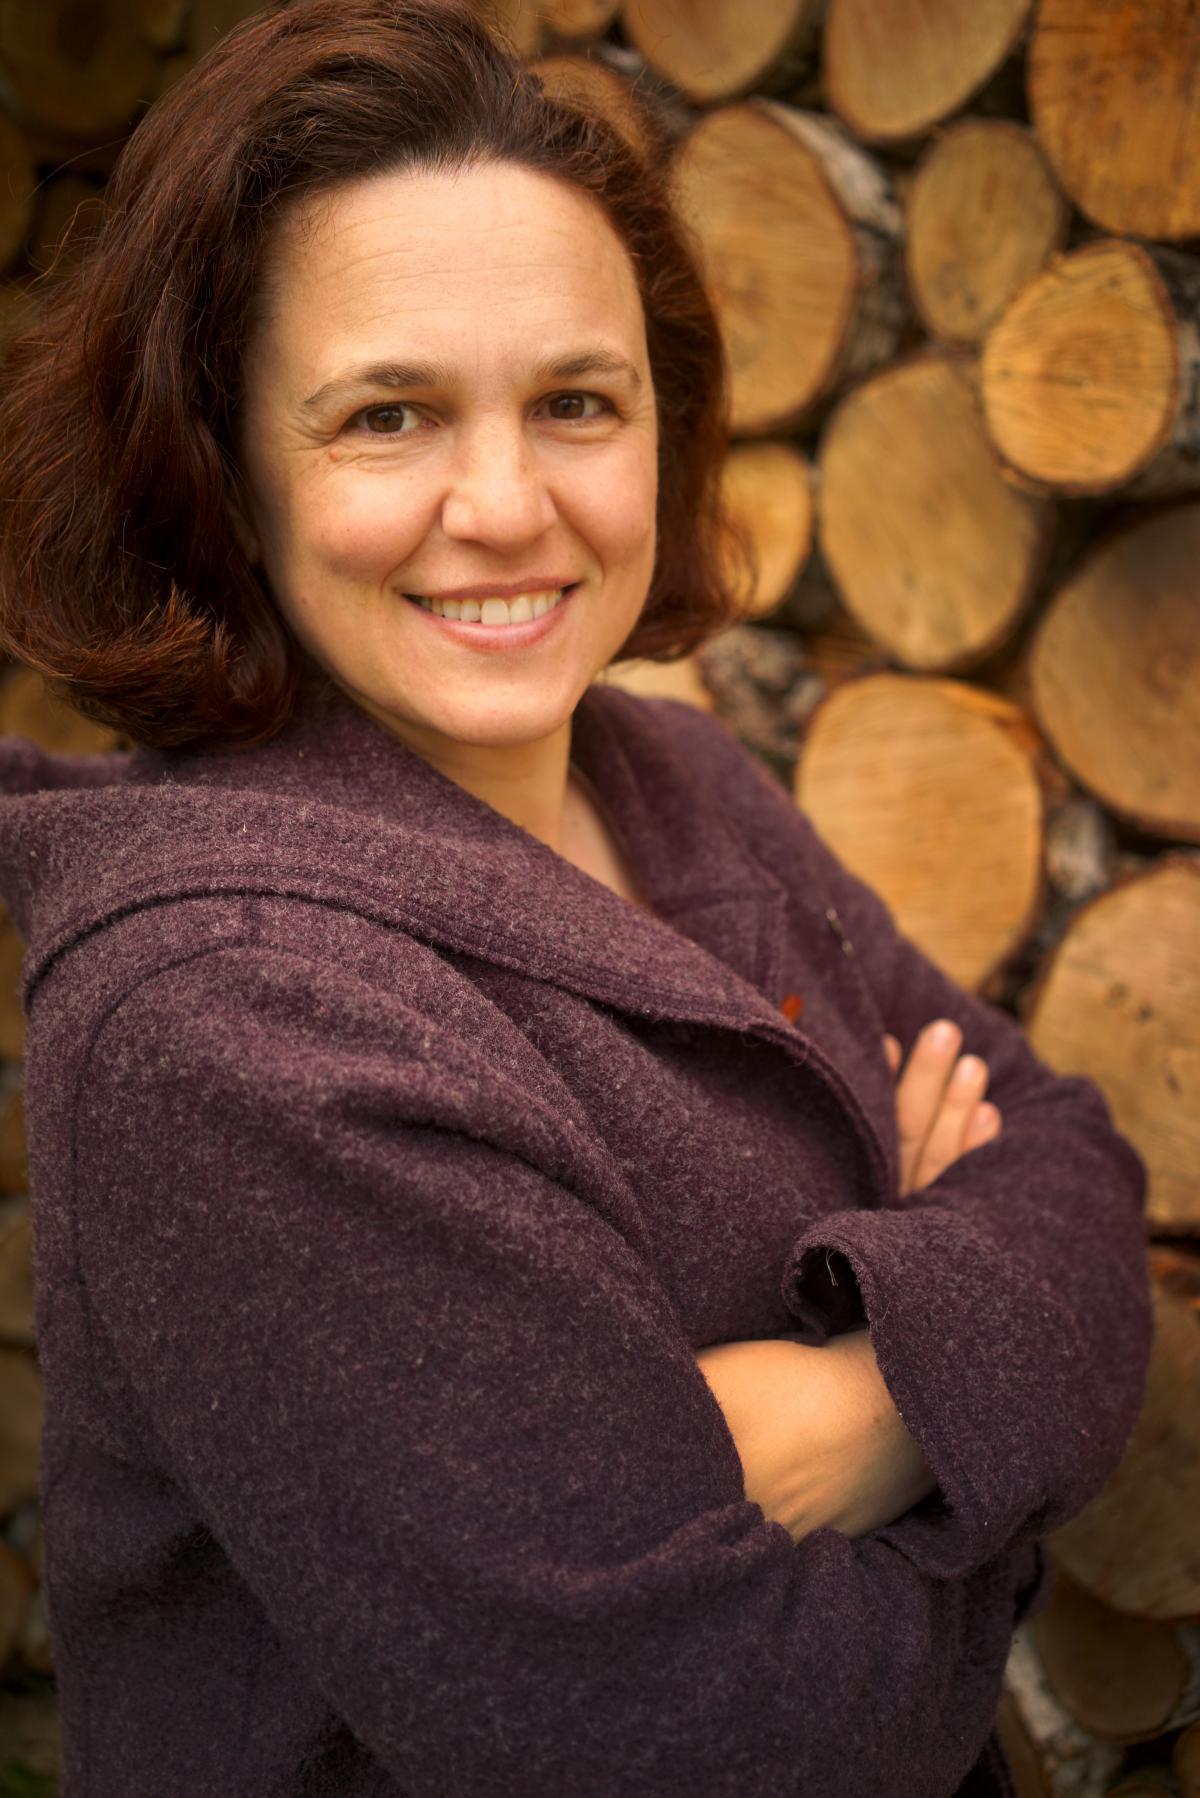 Леухіна дала поради на випадок, коли порушуються права на доступ до реанімації / фото Вероніка Зісельс